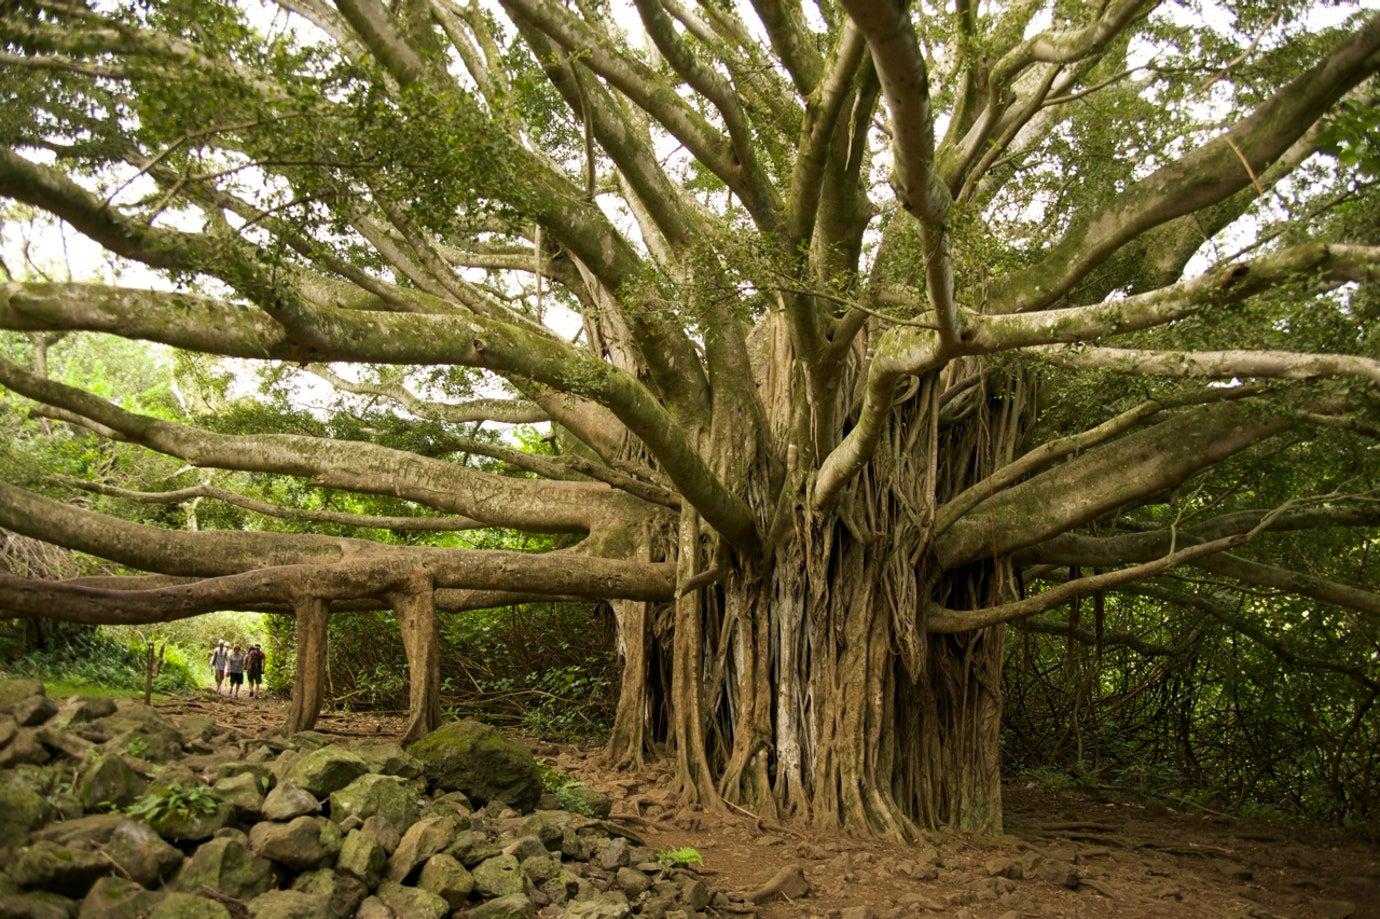 camping in maui kipahulu tree